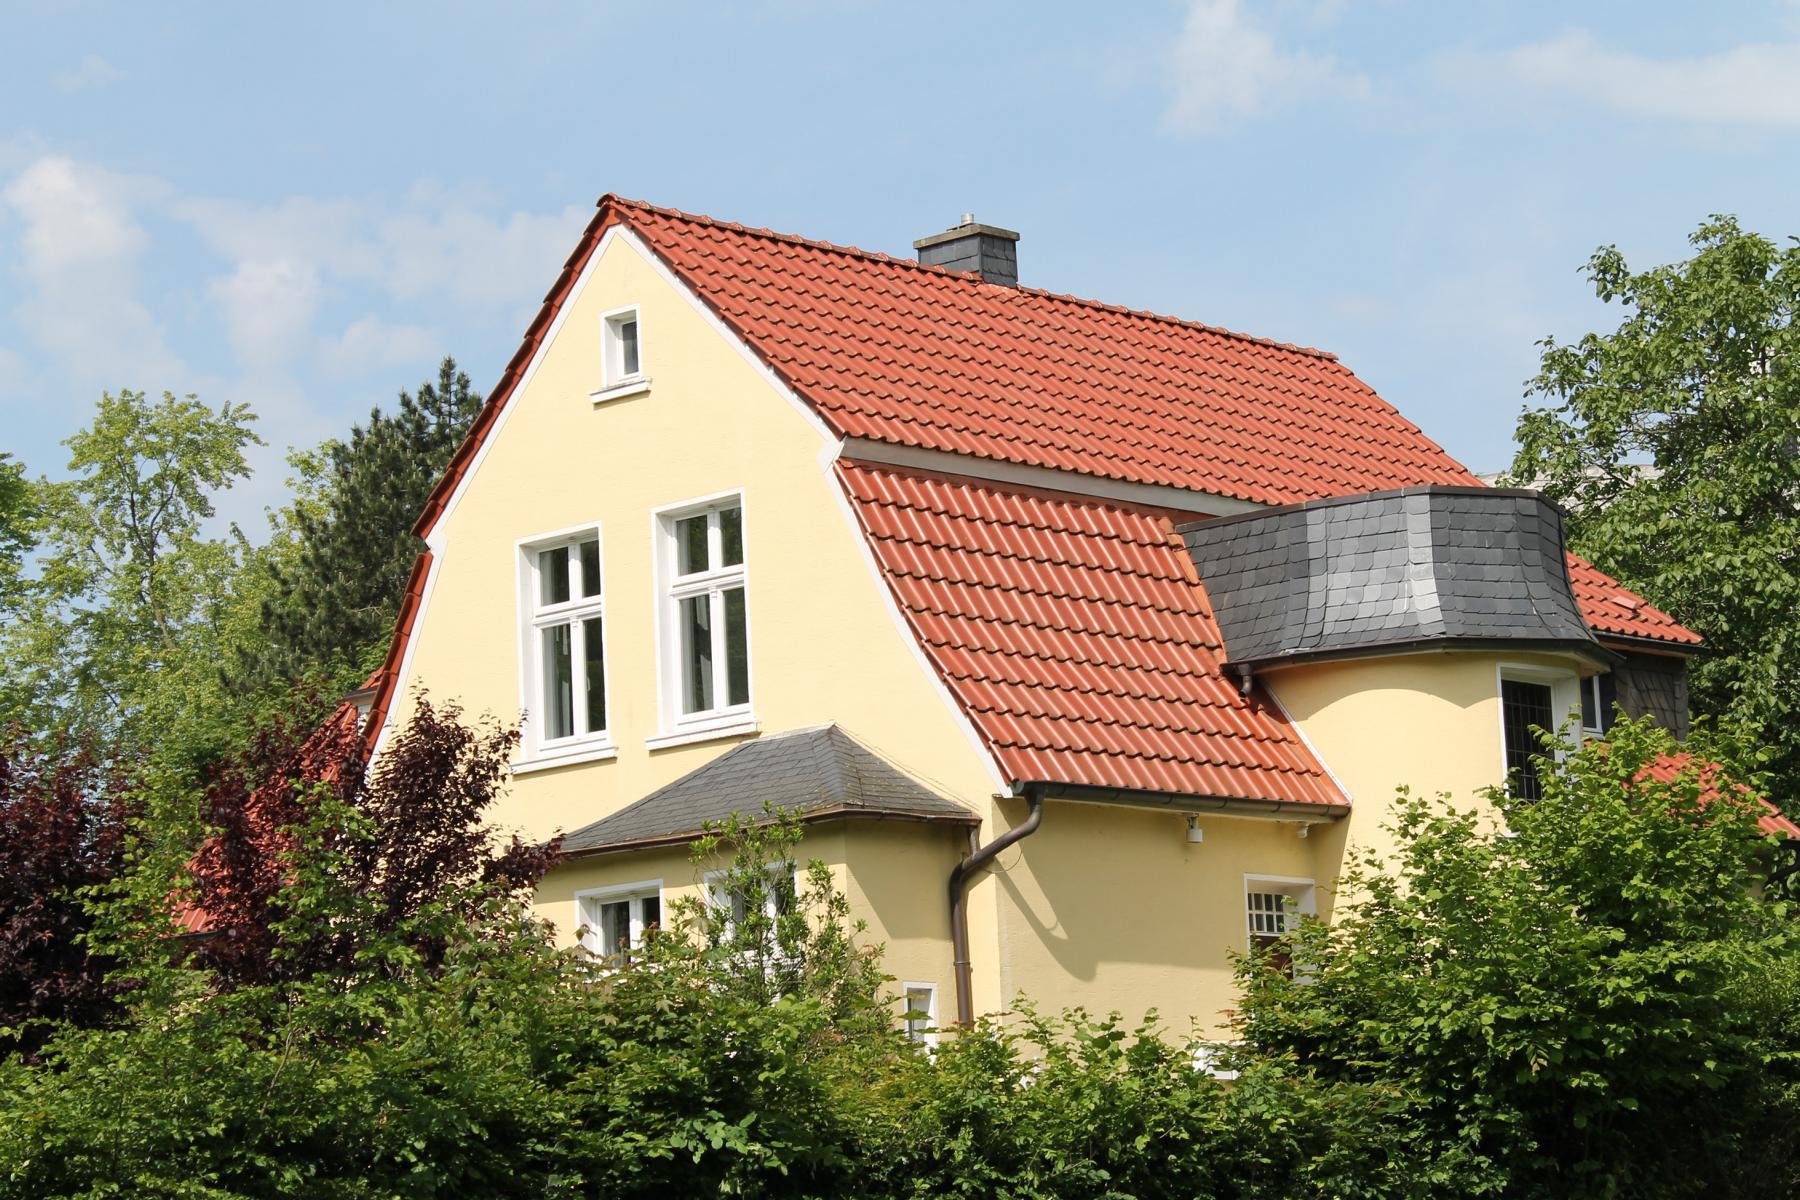 Dachsanierung Mehrfamilienhaus Referenzobjekt 55